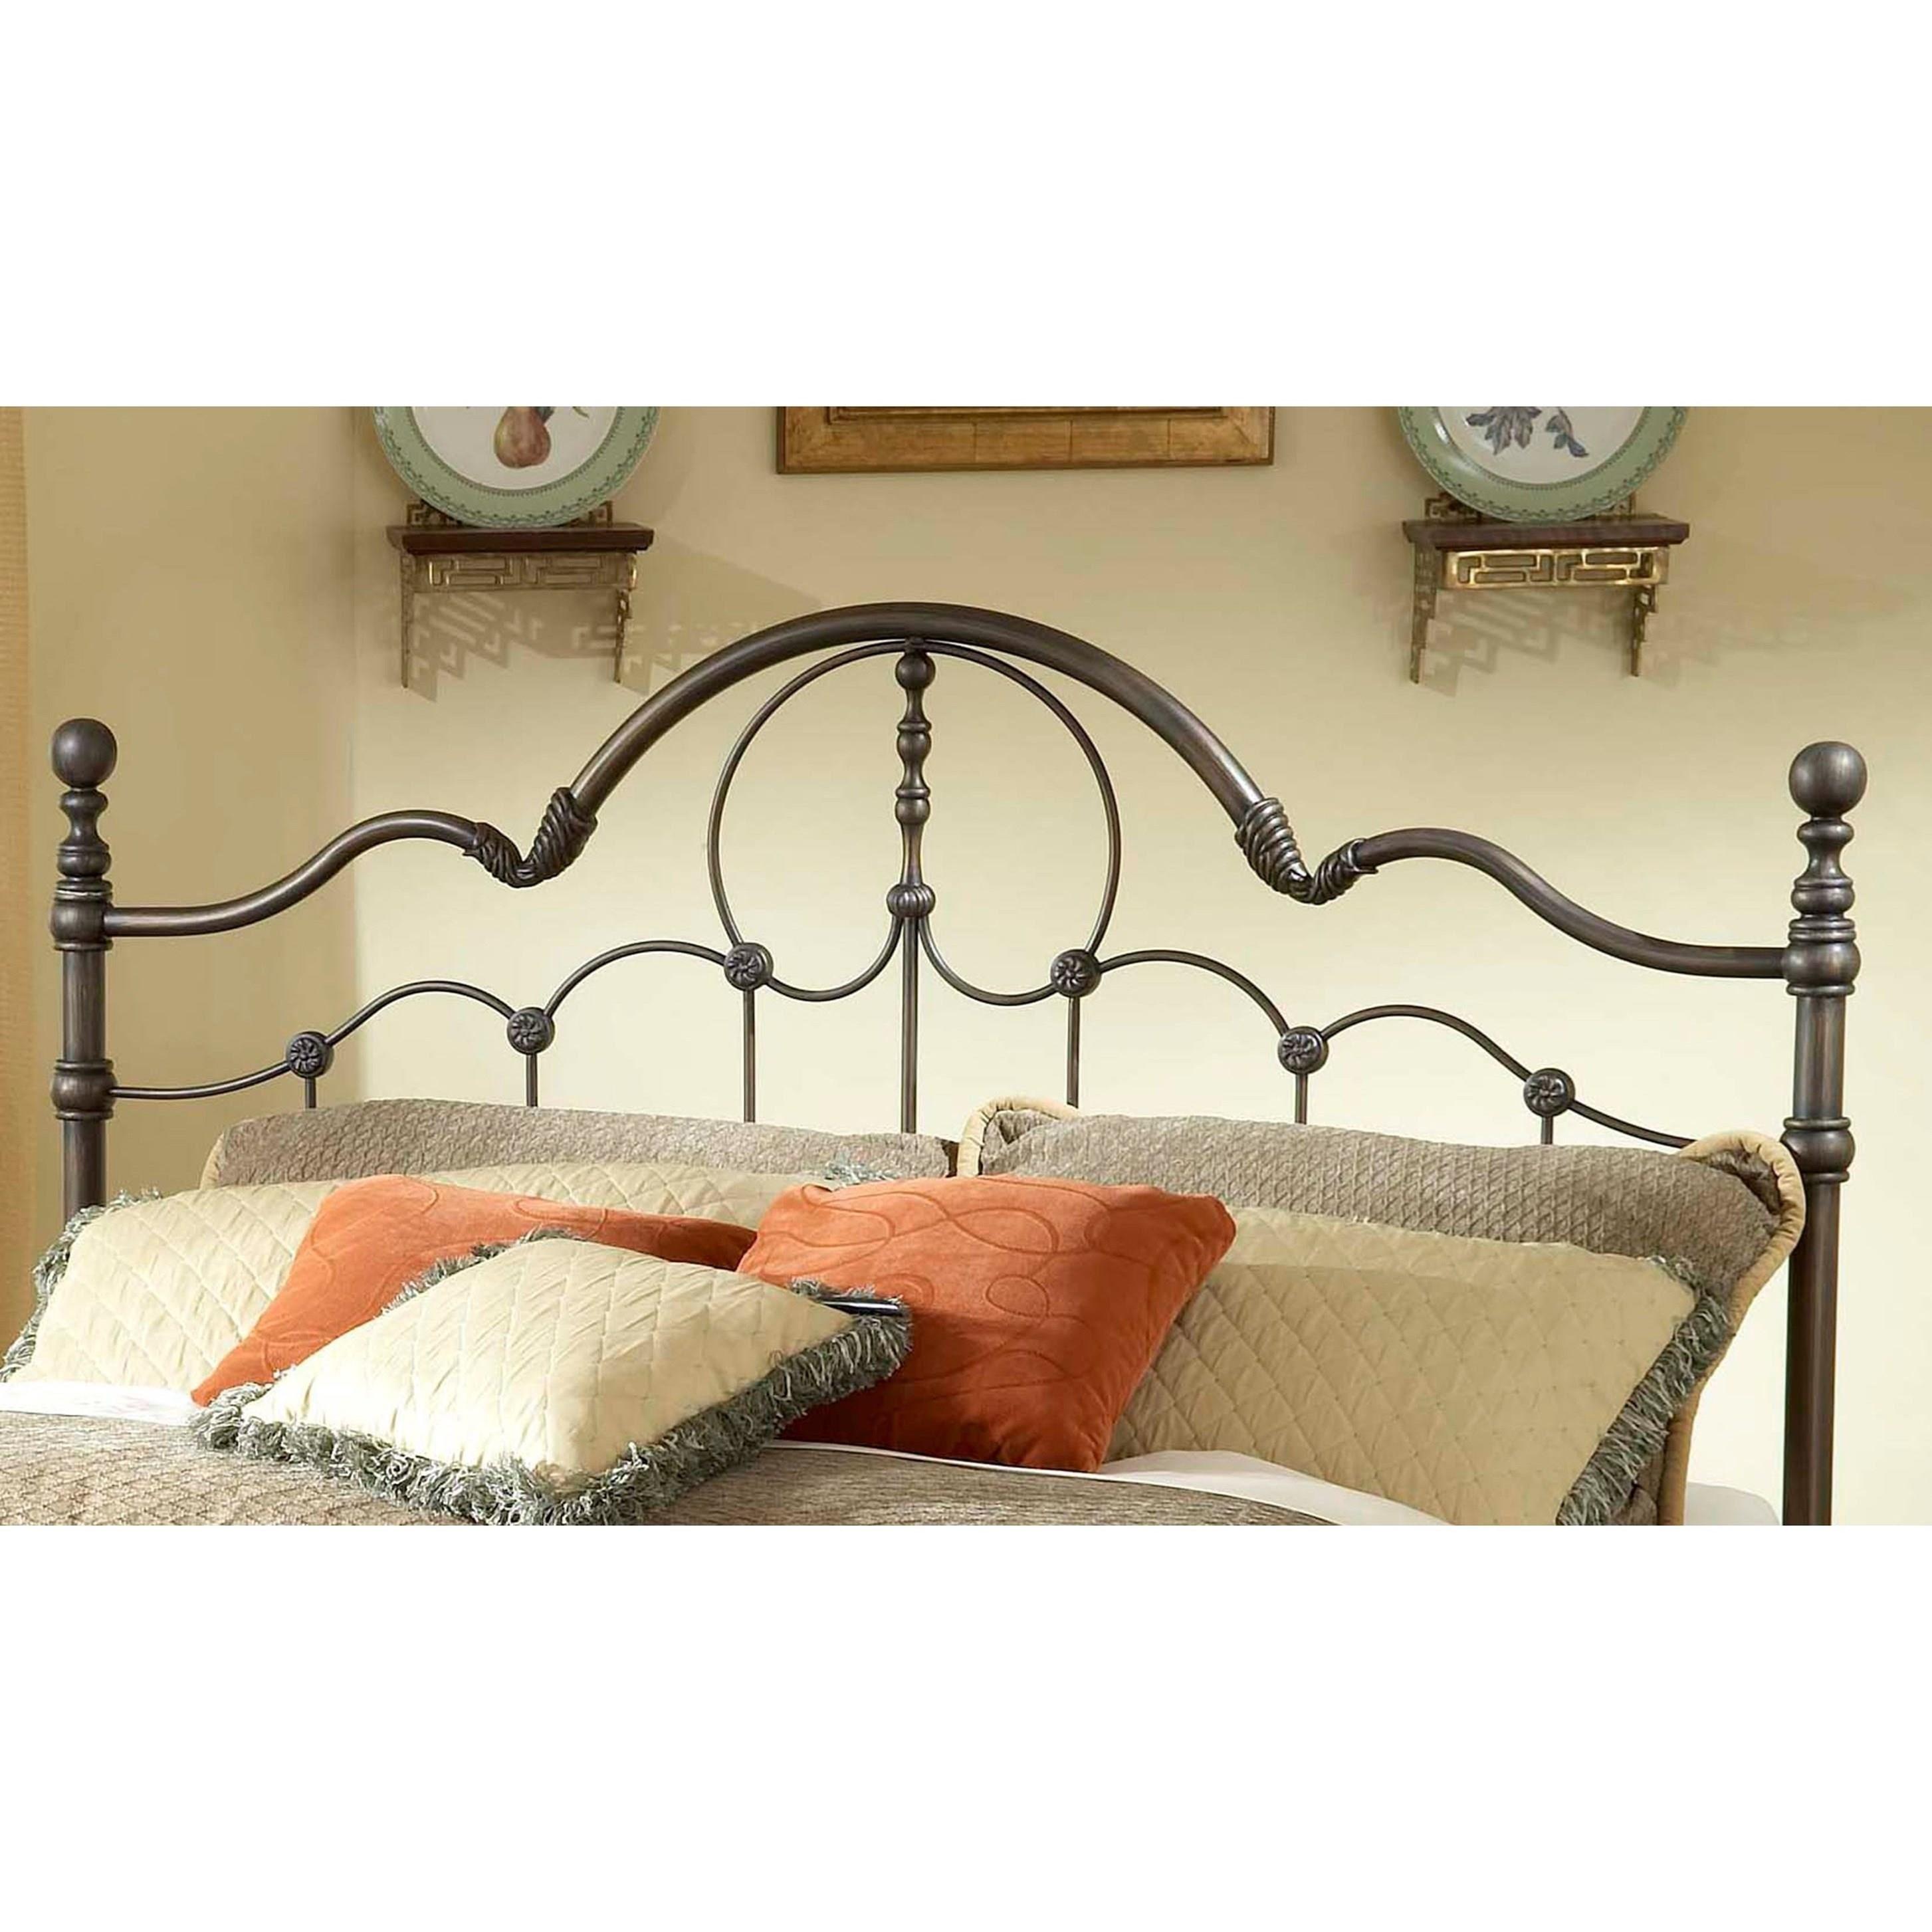 Hillsdale Metal Beds King Venetian Headboard - Item Number: 1480HKR